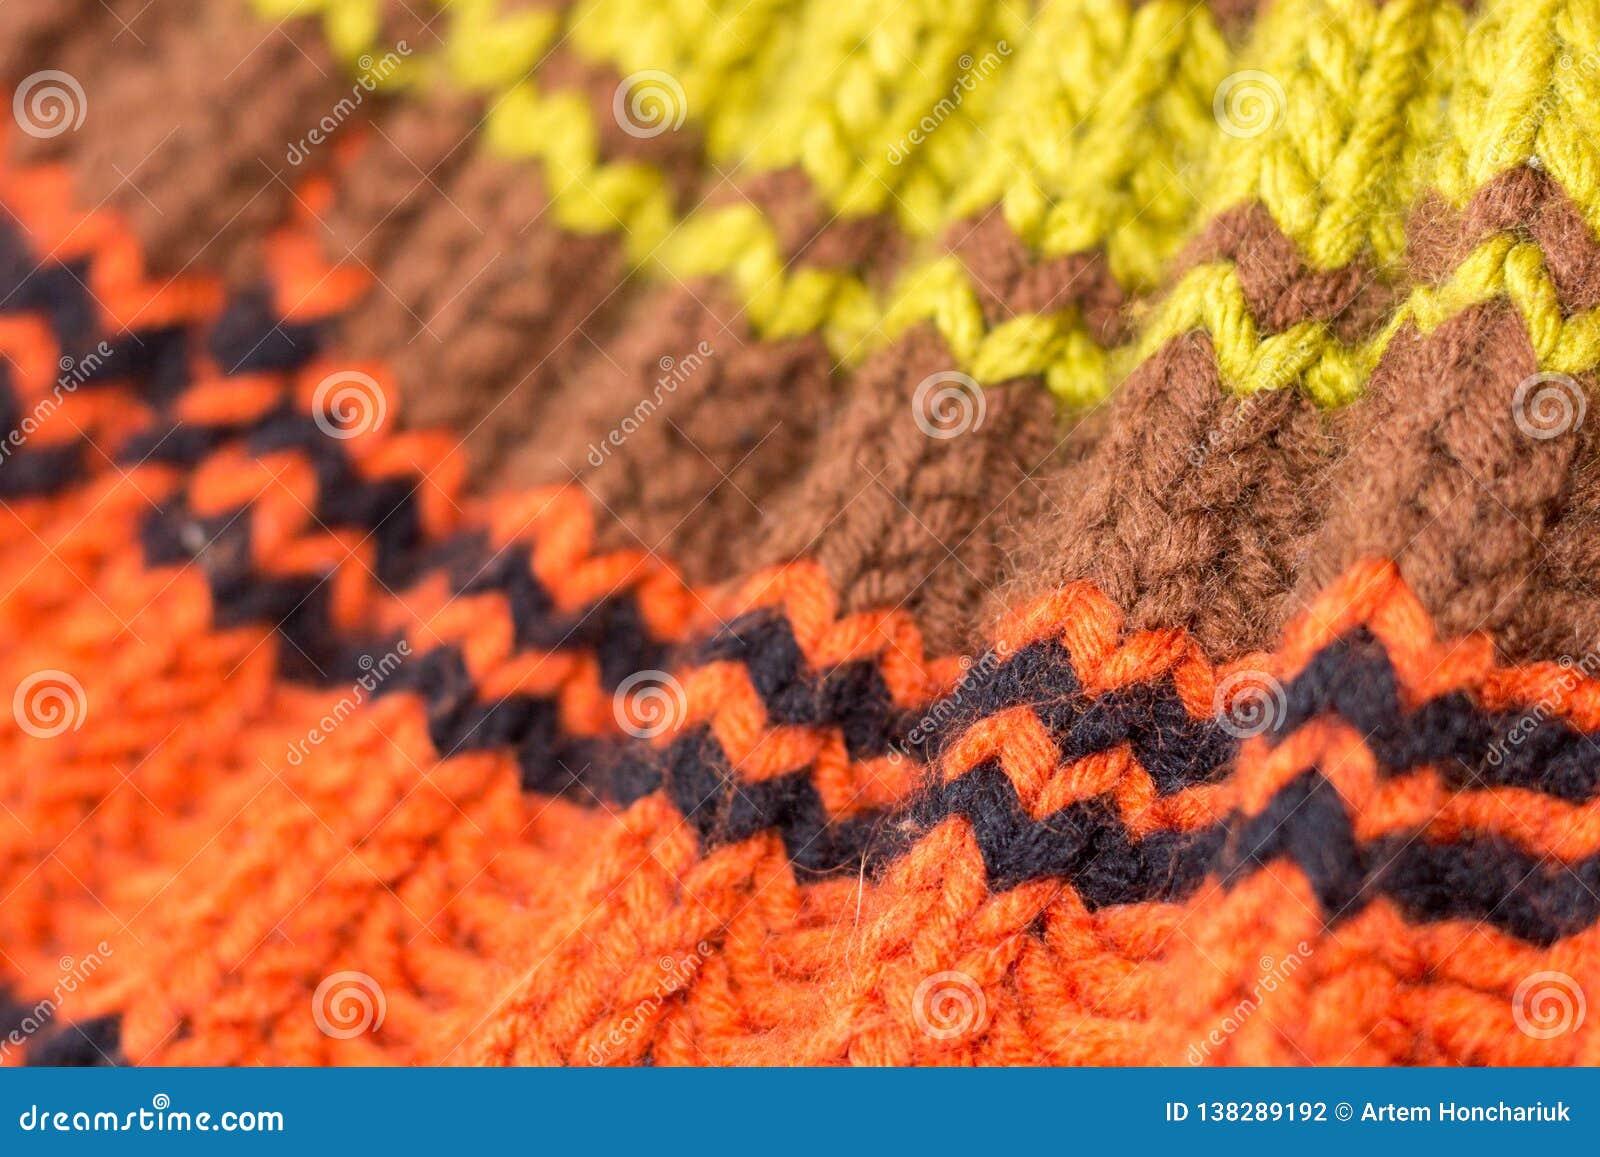 Knitting Achtergrond gebreide textuur Heldere breinaalden